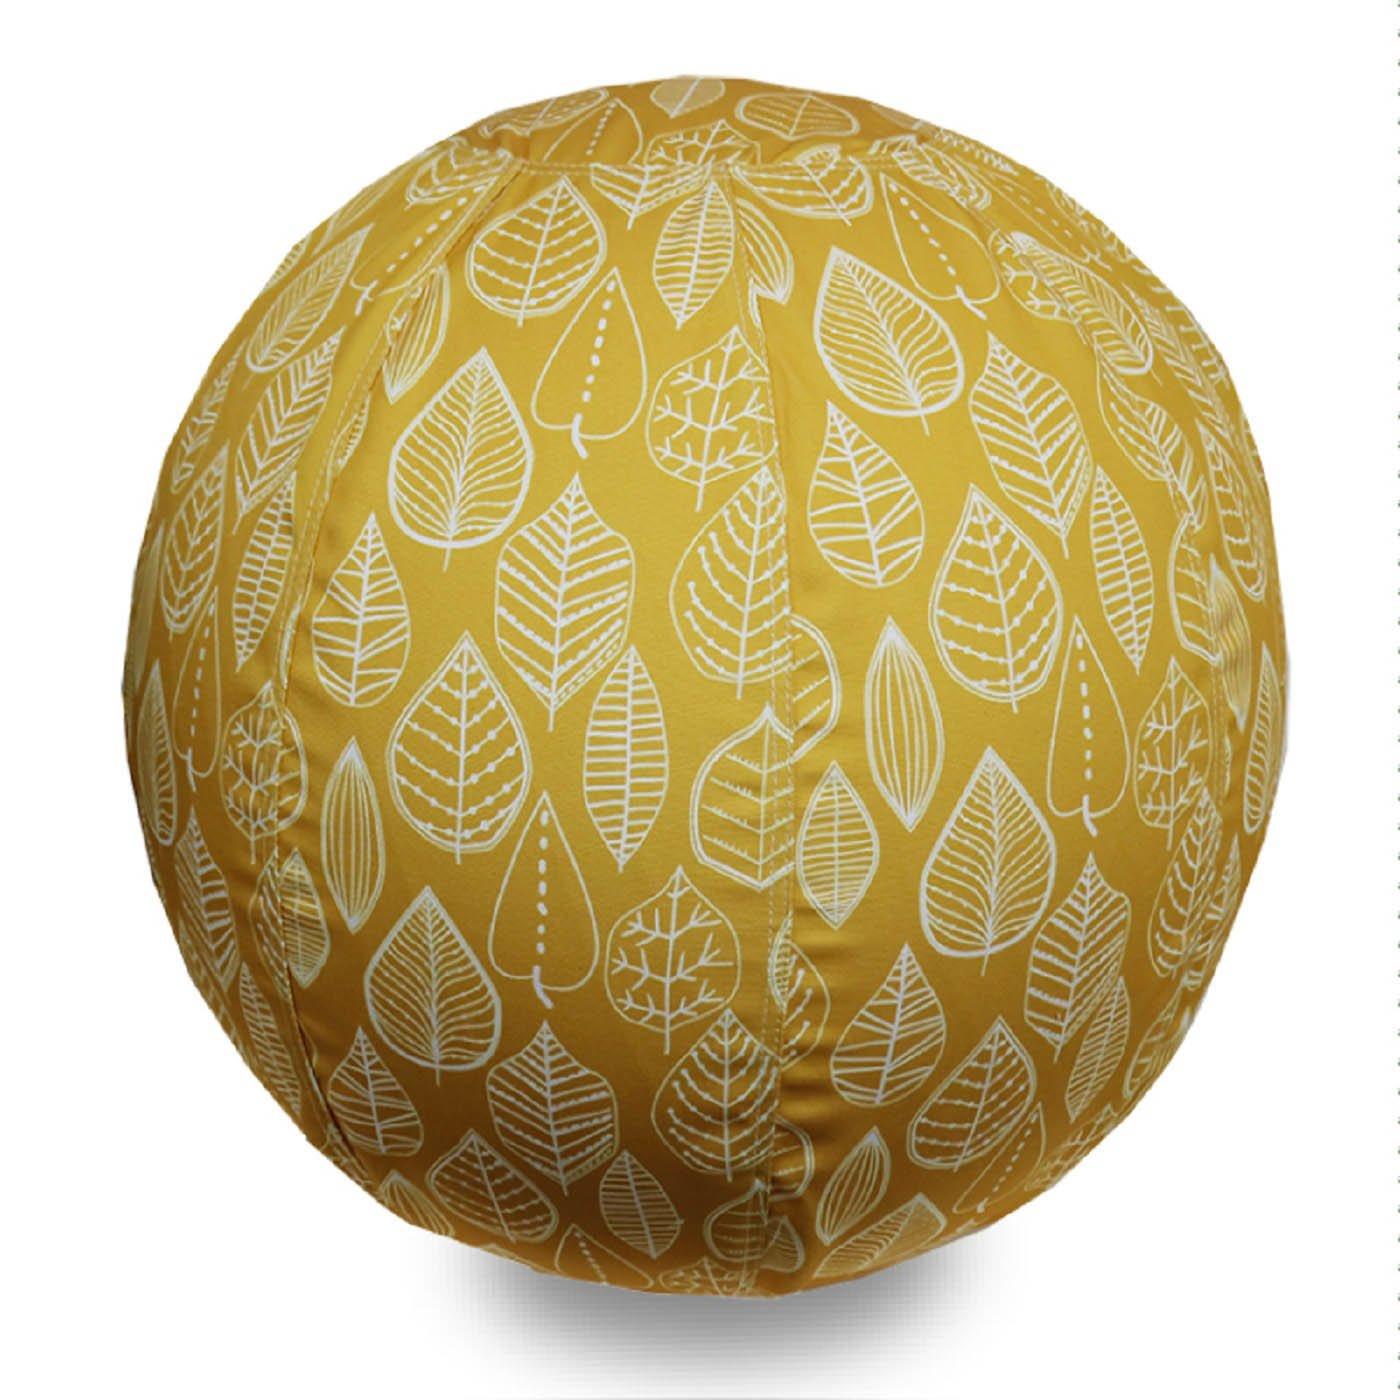 北欧をイメージした 部屋を彩るバランスボール〈黄色の葉っぱ/65cm〉